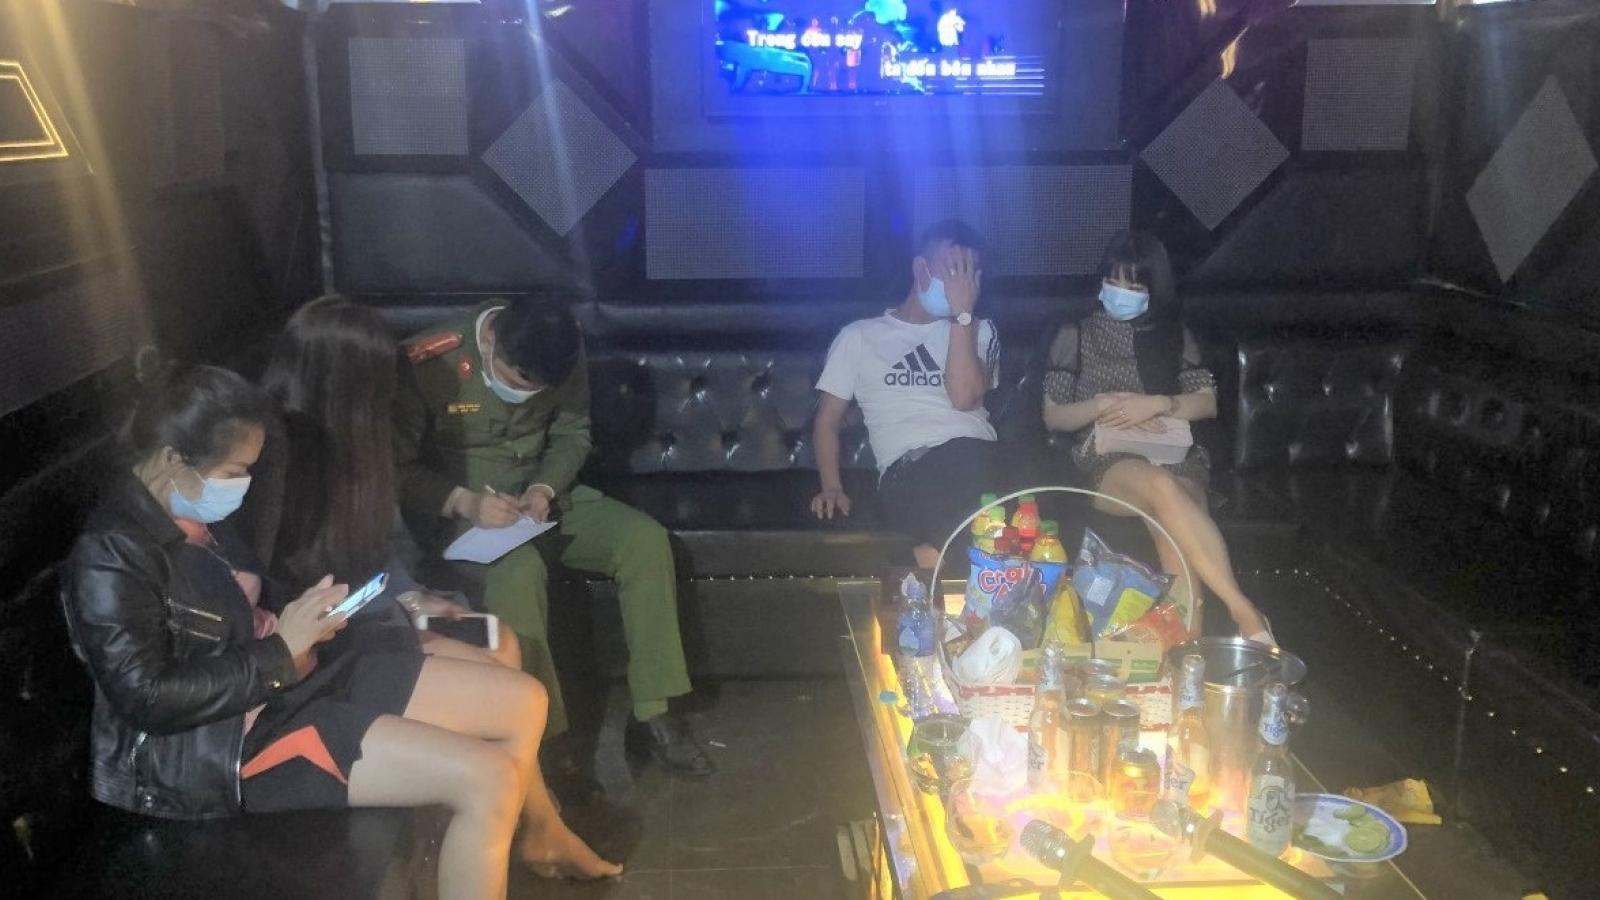 """Quán karaoke phớt lờ lệnh cấm, mở cửa cho khách cùng """"tay vịn"""" hát"""